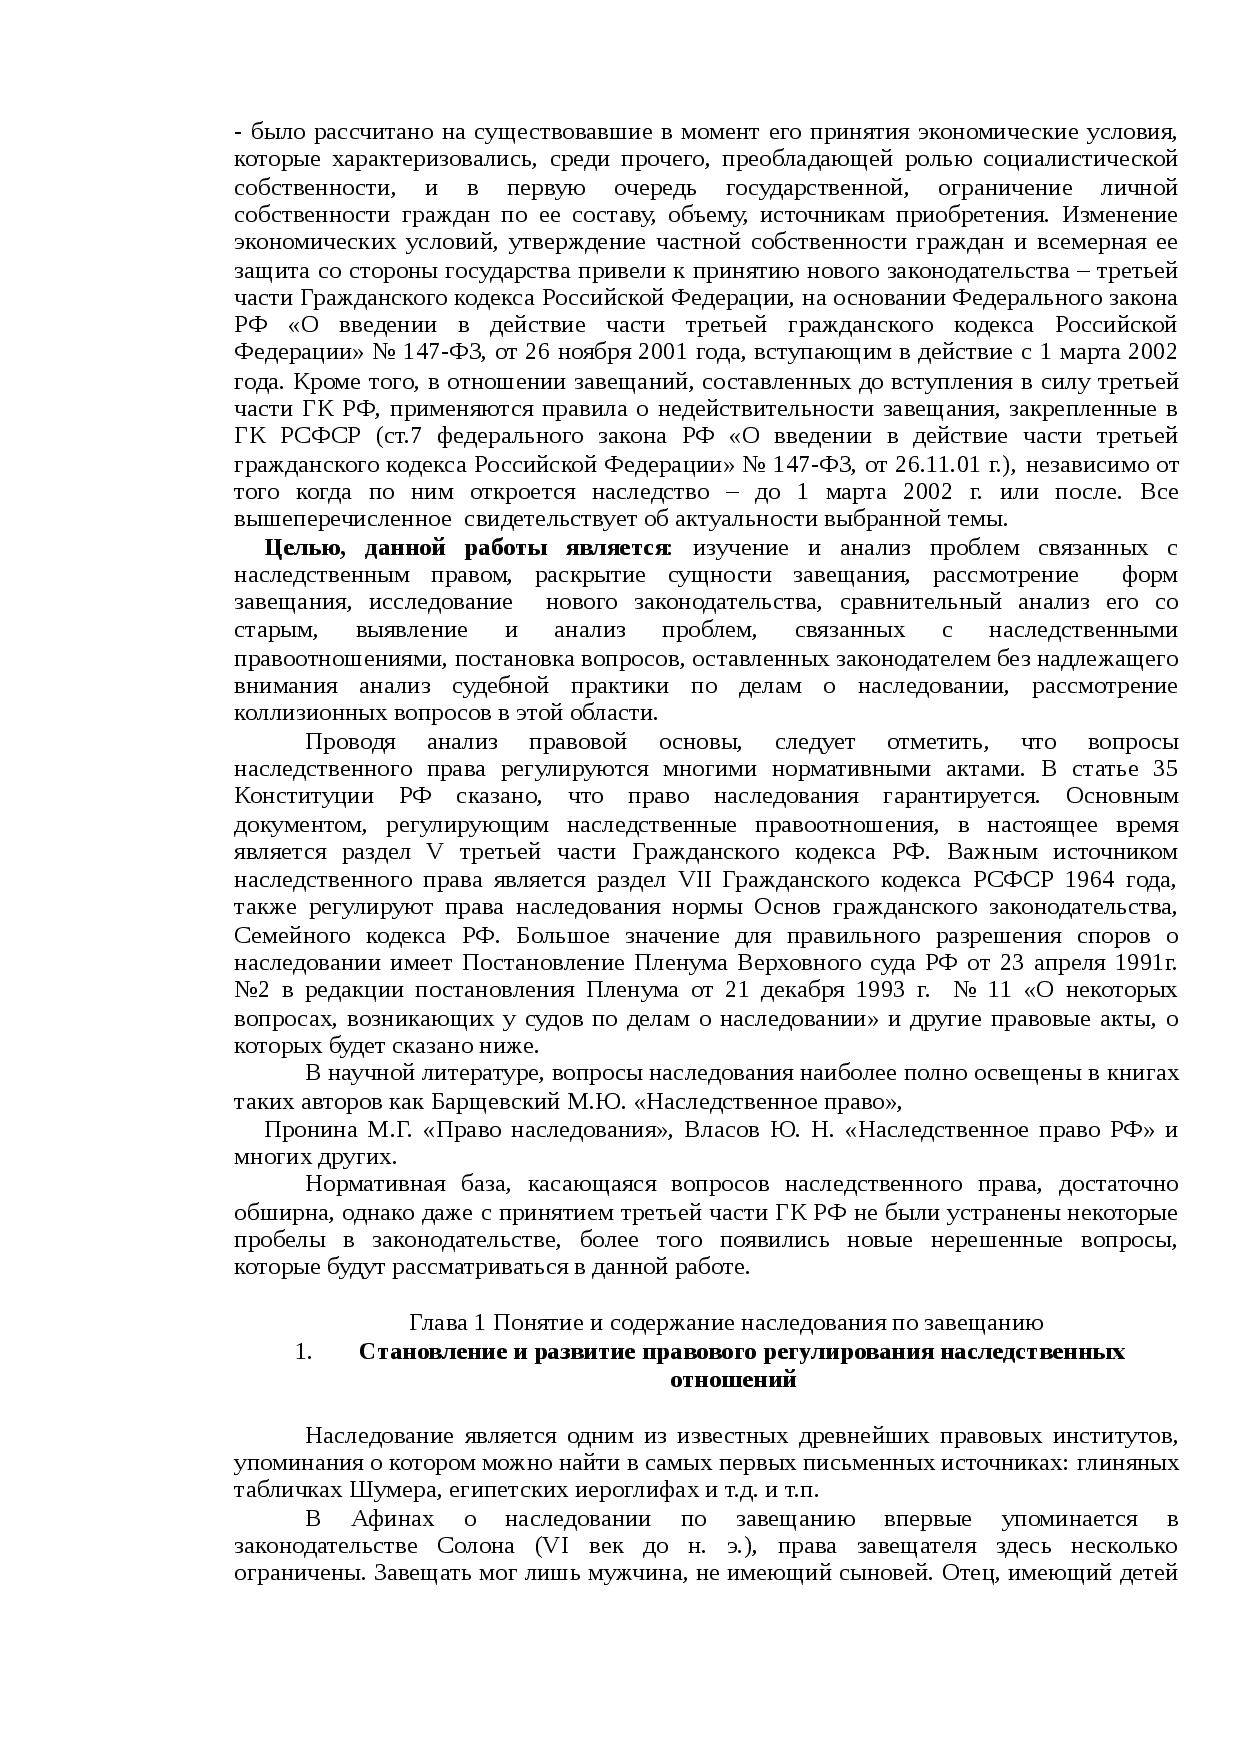 Наследственное право: понятие, основные институты